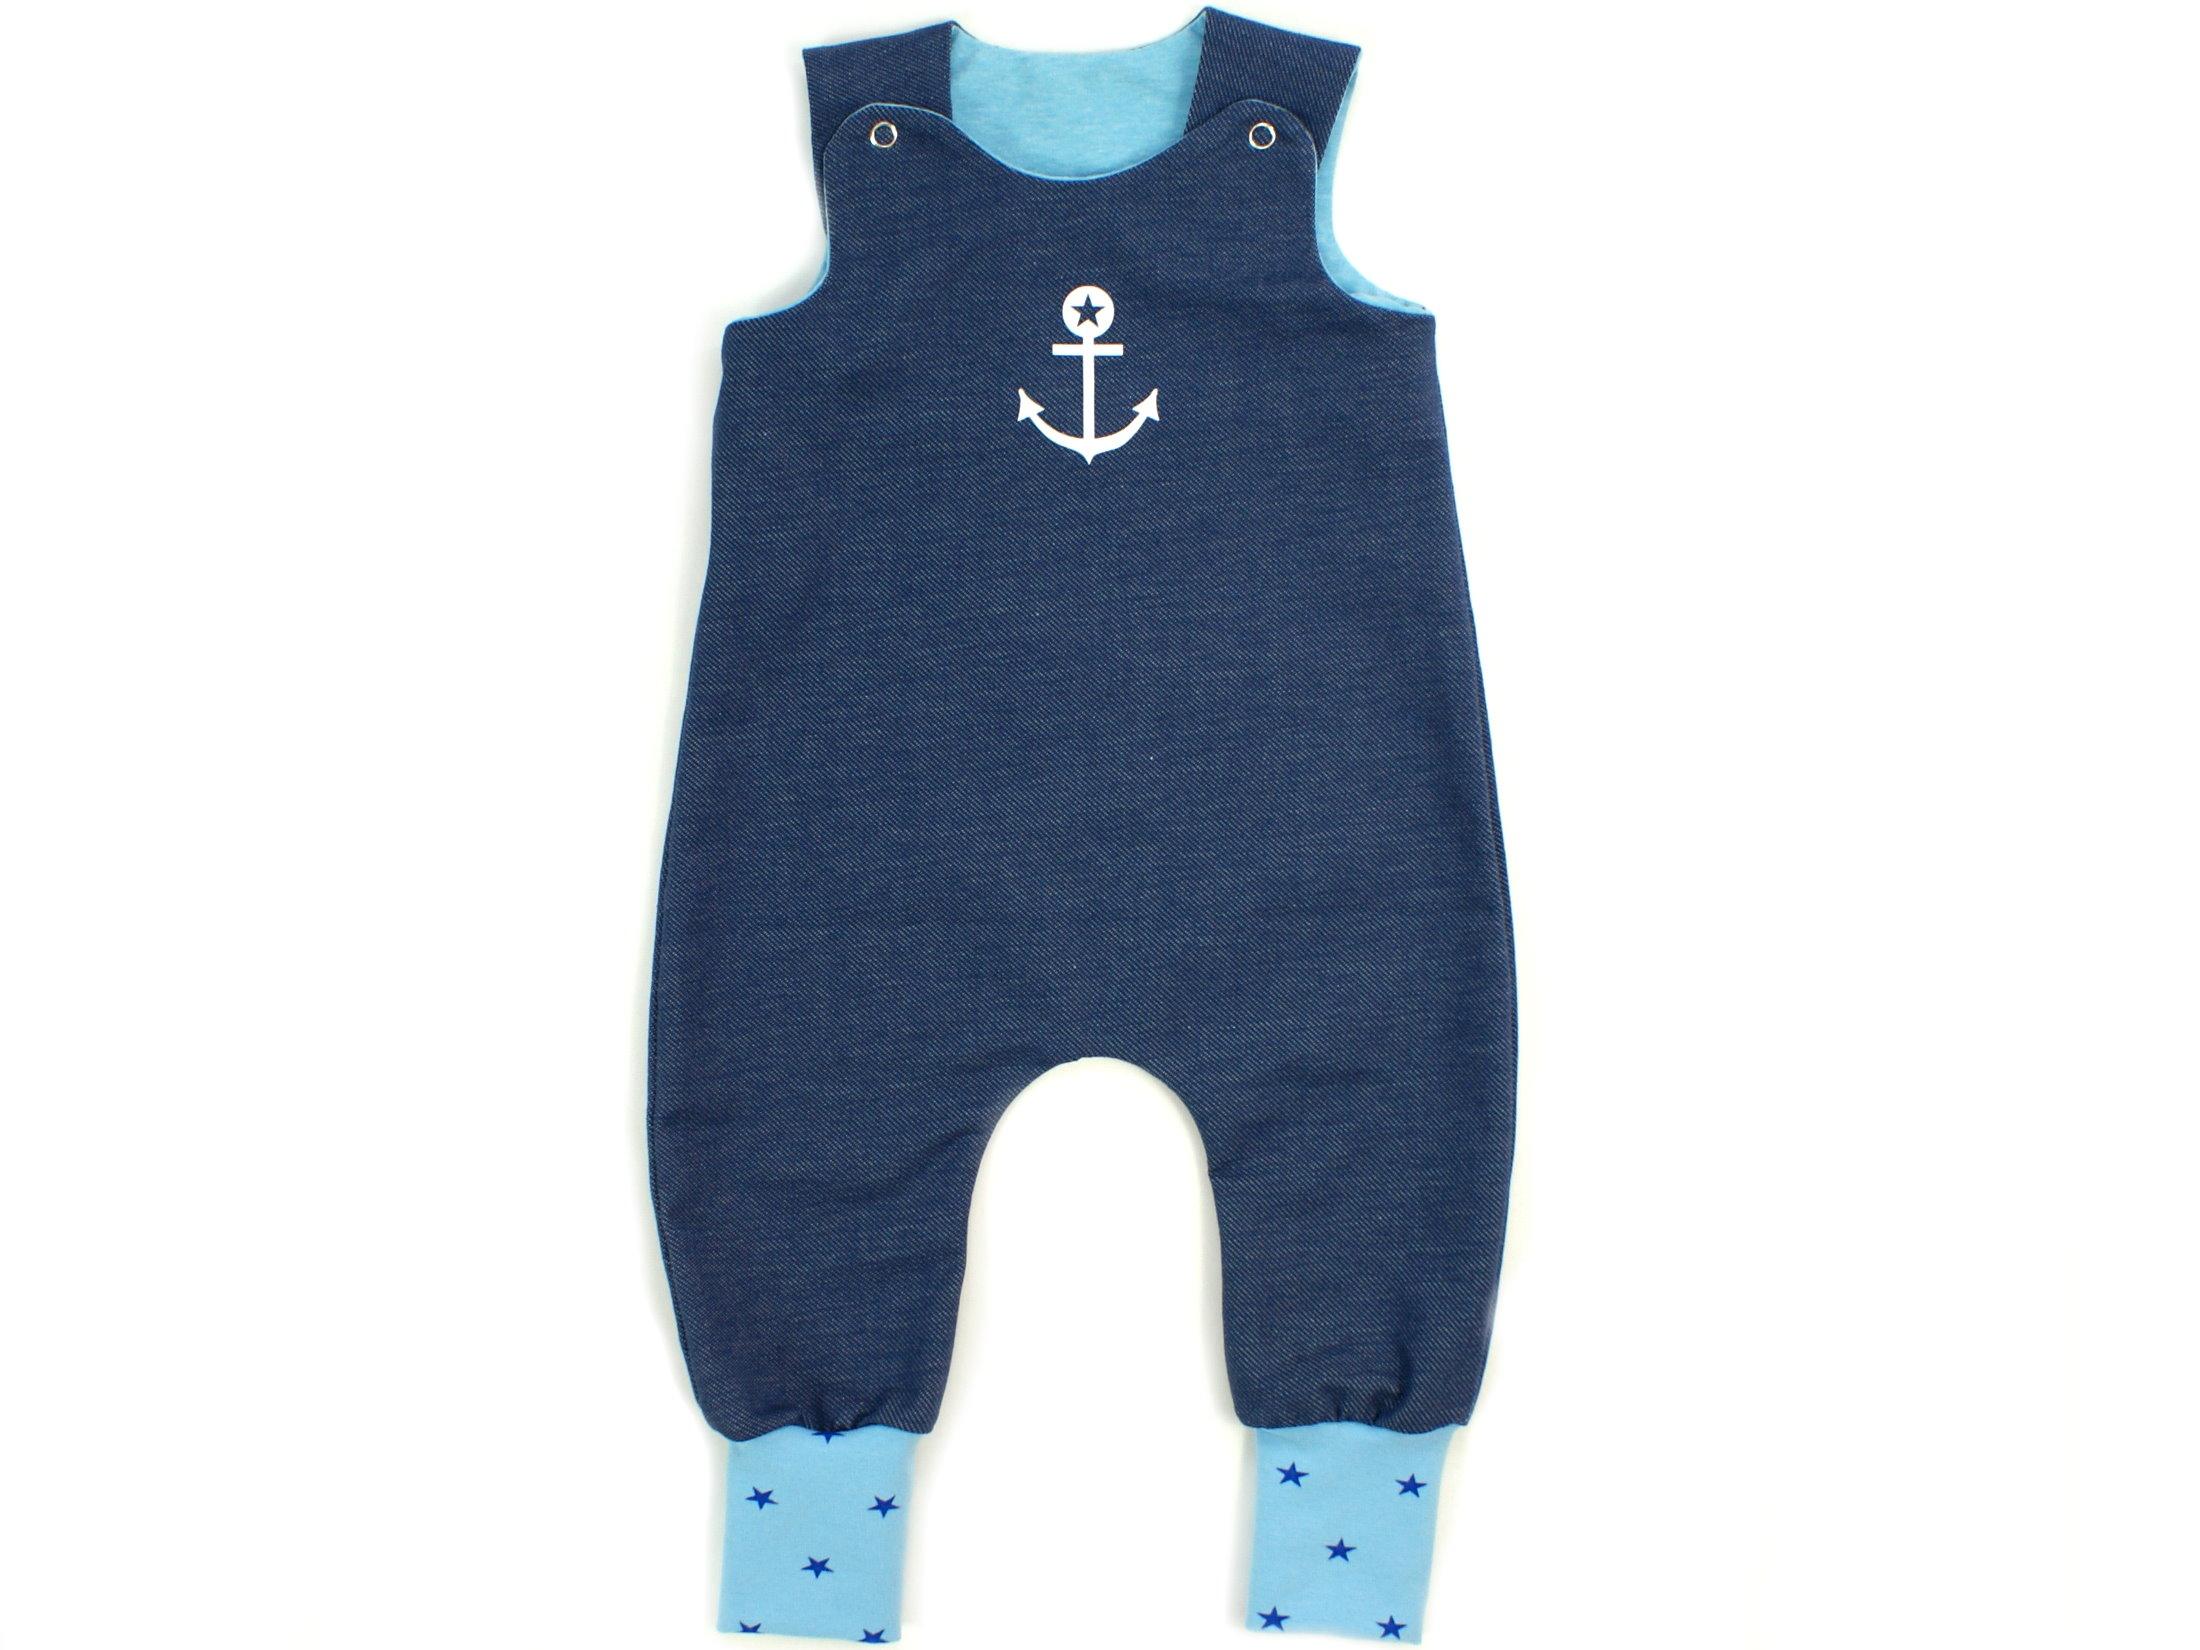 Baby Strampler Anker Jeansjersey blau türkis